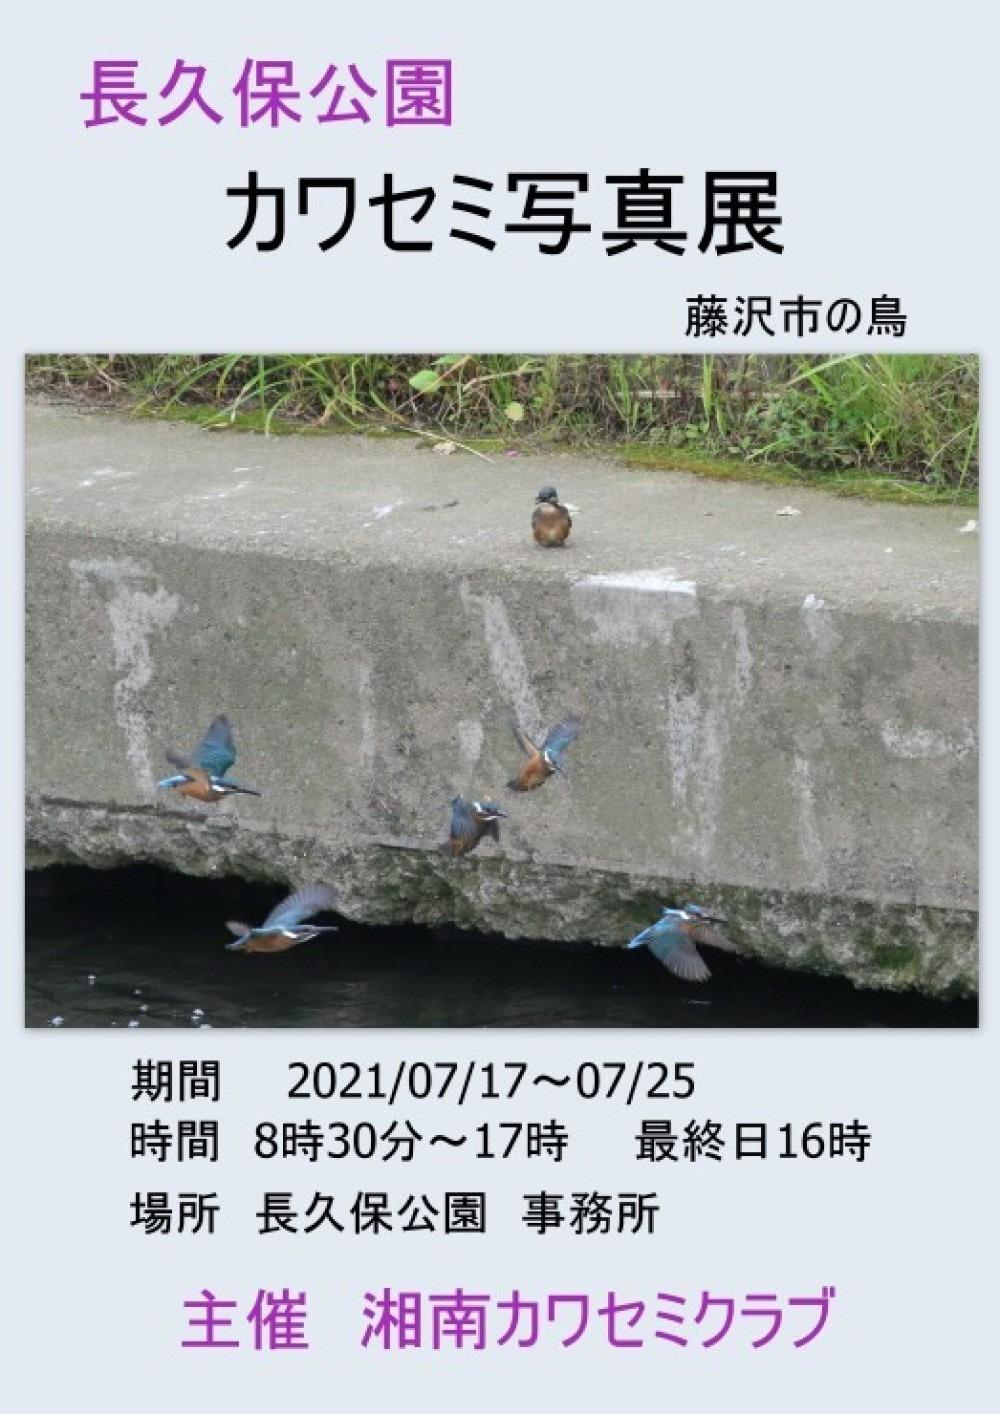 長久保公園 カワセミ写真展 7/16_f0281533_07255730.jpg